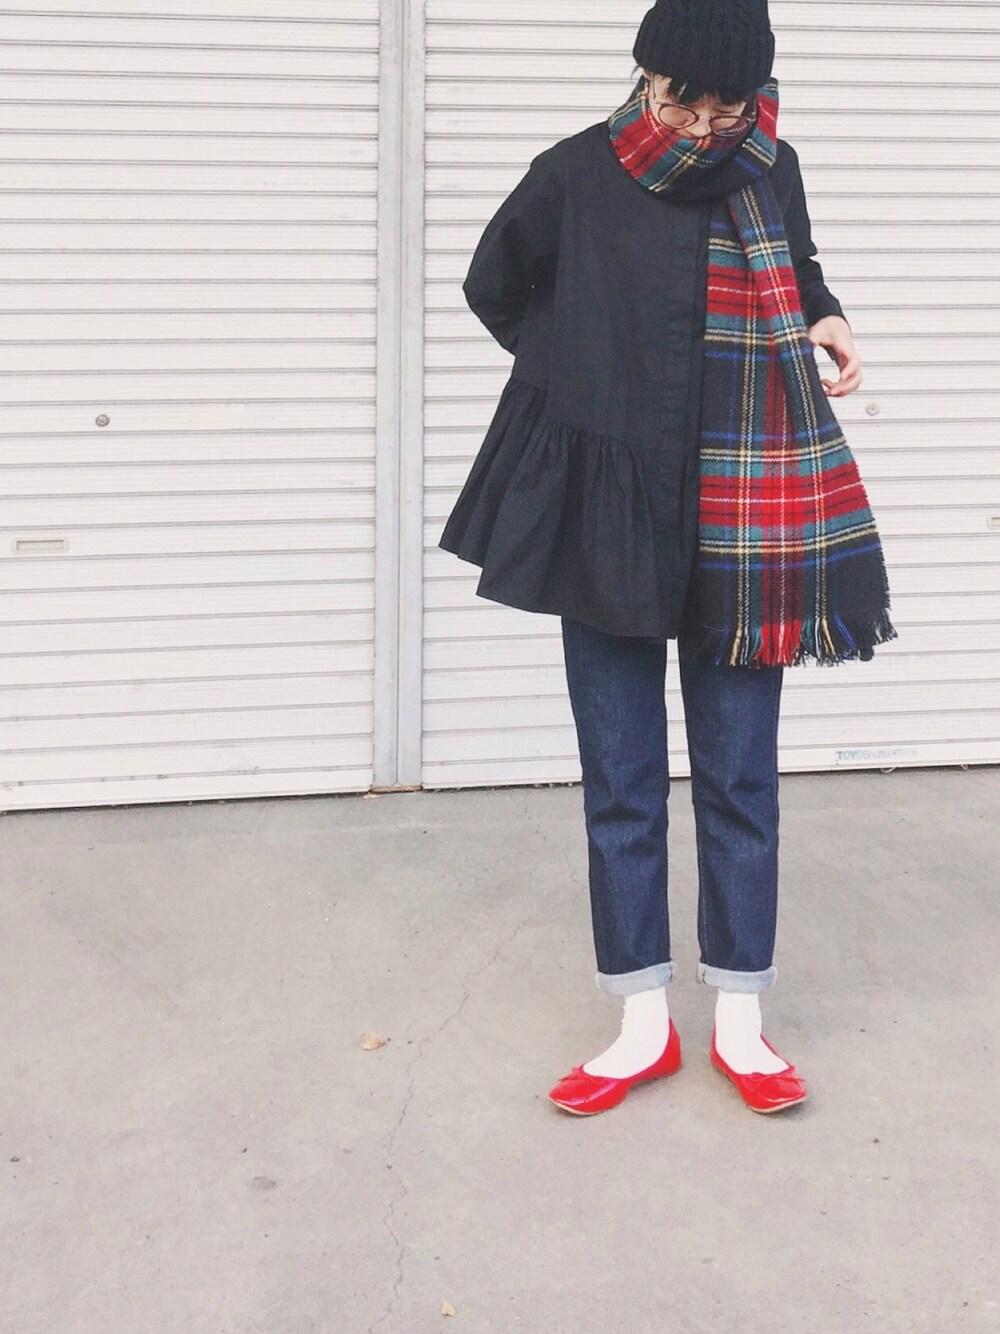 黒ニット帽×チェックマフラー